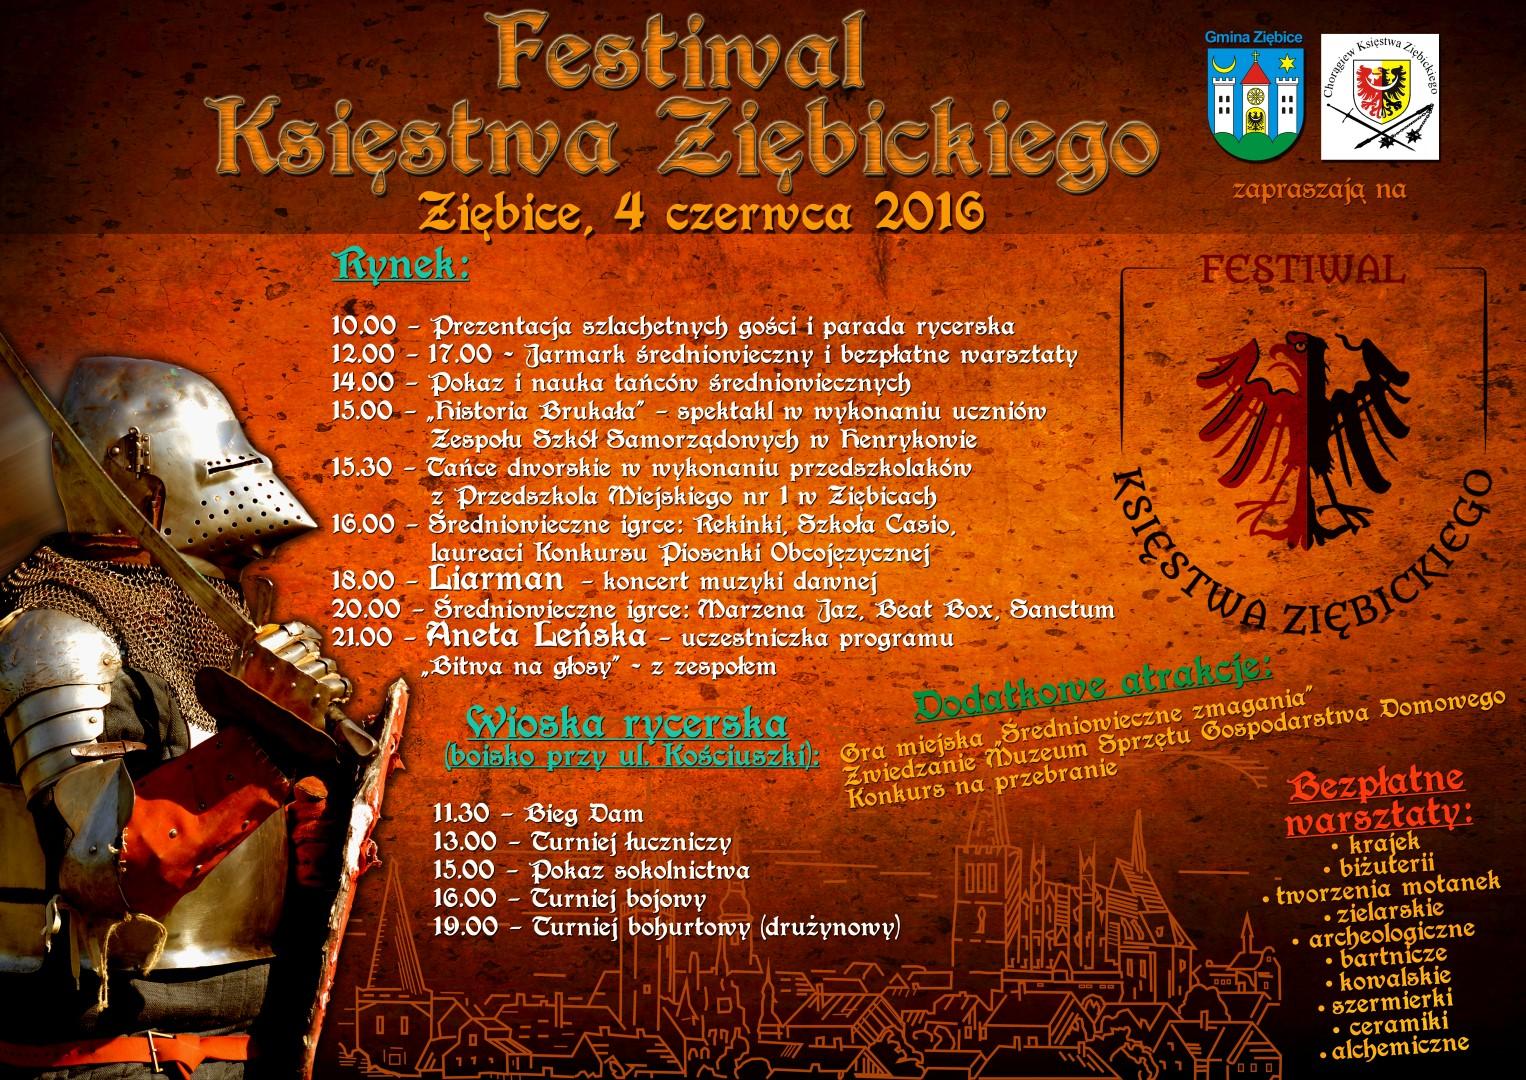 Festiwal_Księstwa_Ziębickiego (Large)